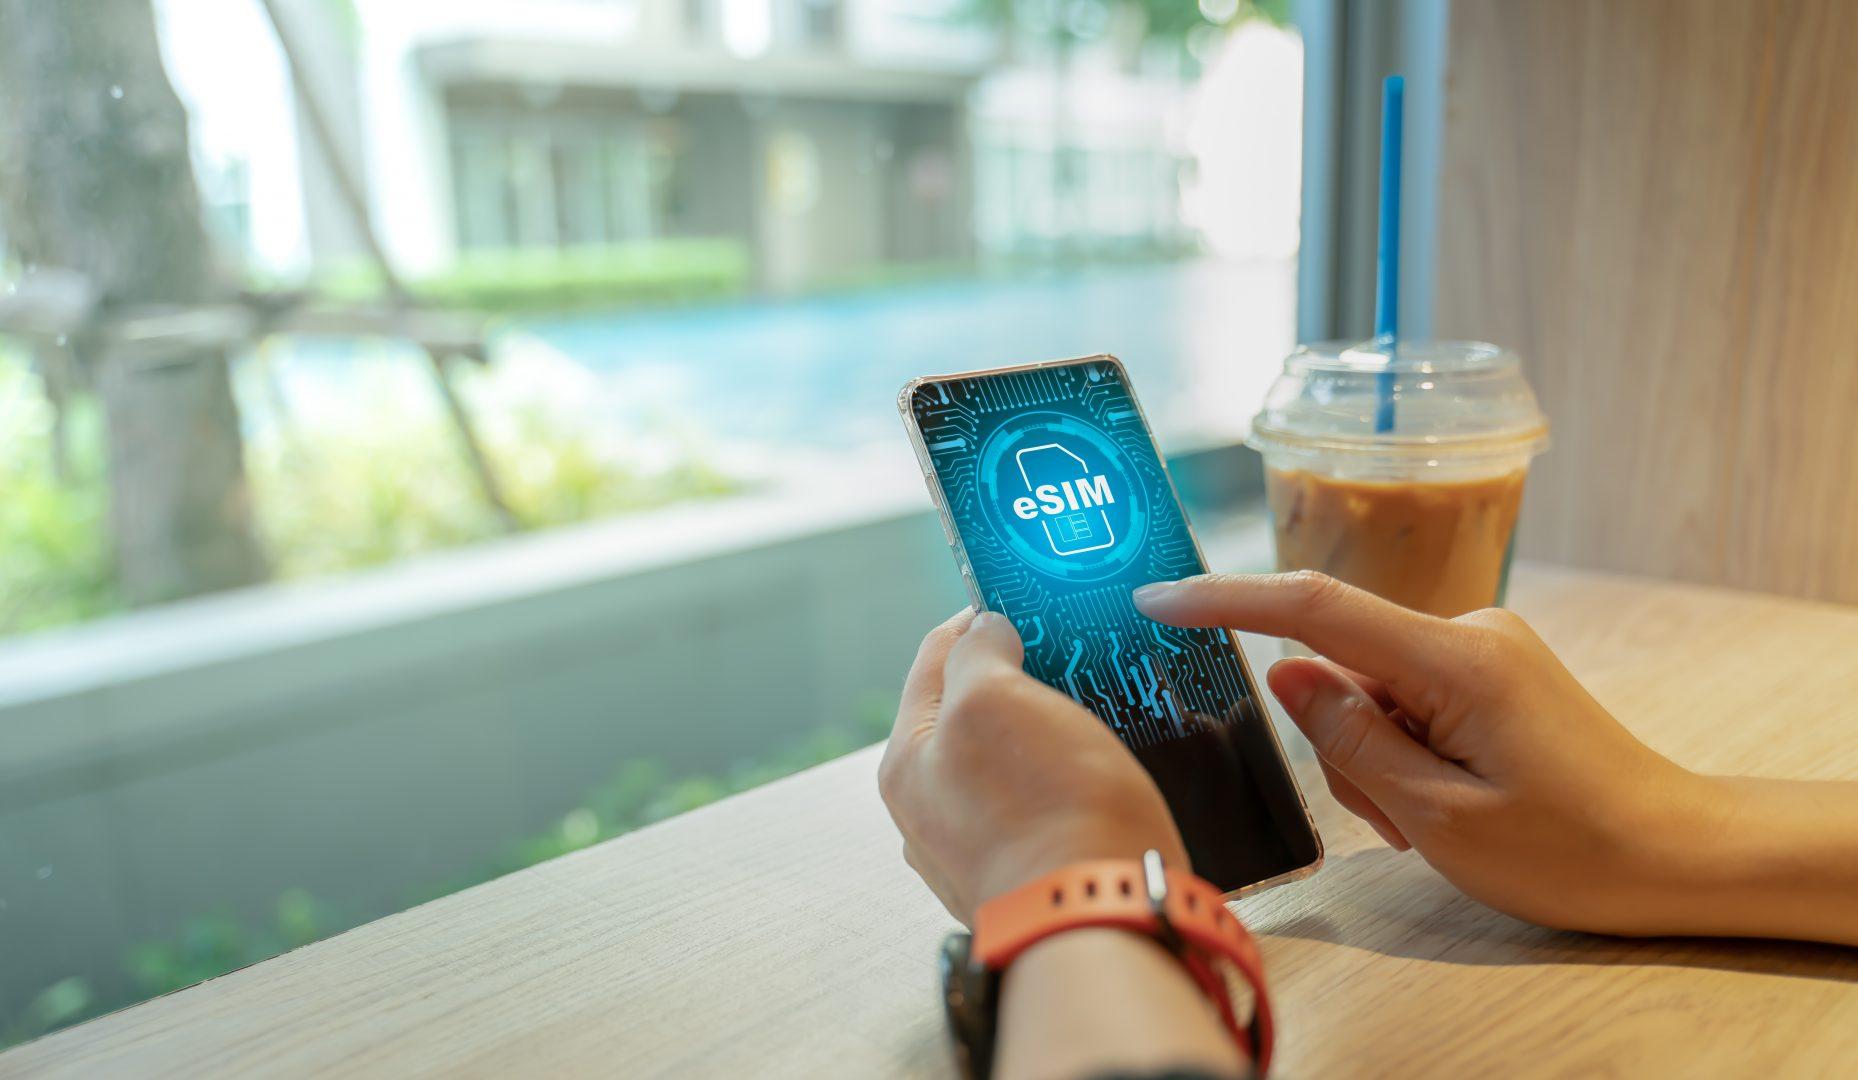 Когато преди няколко години започнаха да се срещат публикации за бъдещето на телефонията и използваните SIM карти, т.е. преносимите чипове с данни, които използваме, за да се свържем с телефонните мрежи посредством мобилните ни устройства, се появи терминът eSIM - модул, който да бъде вграден директно в устройствата.